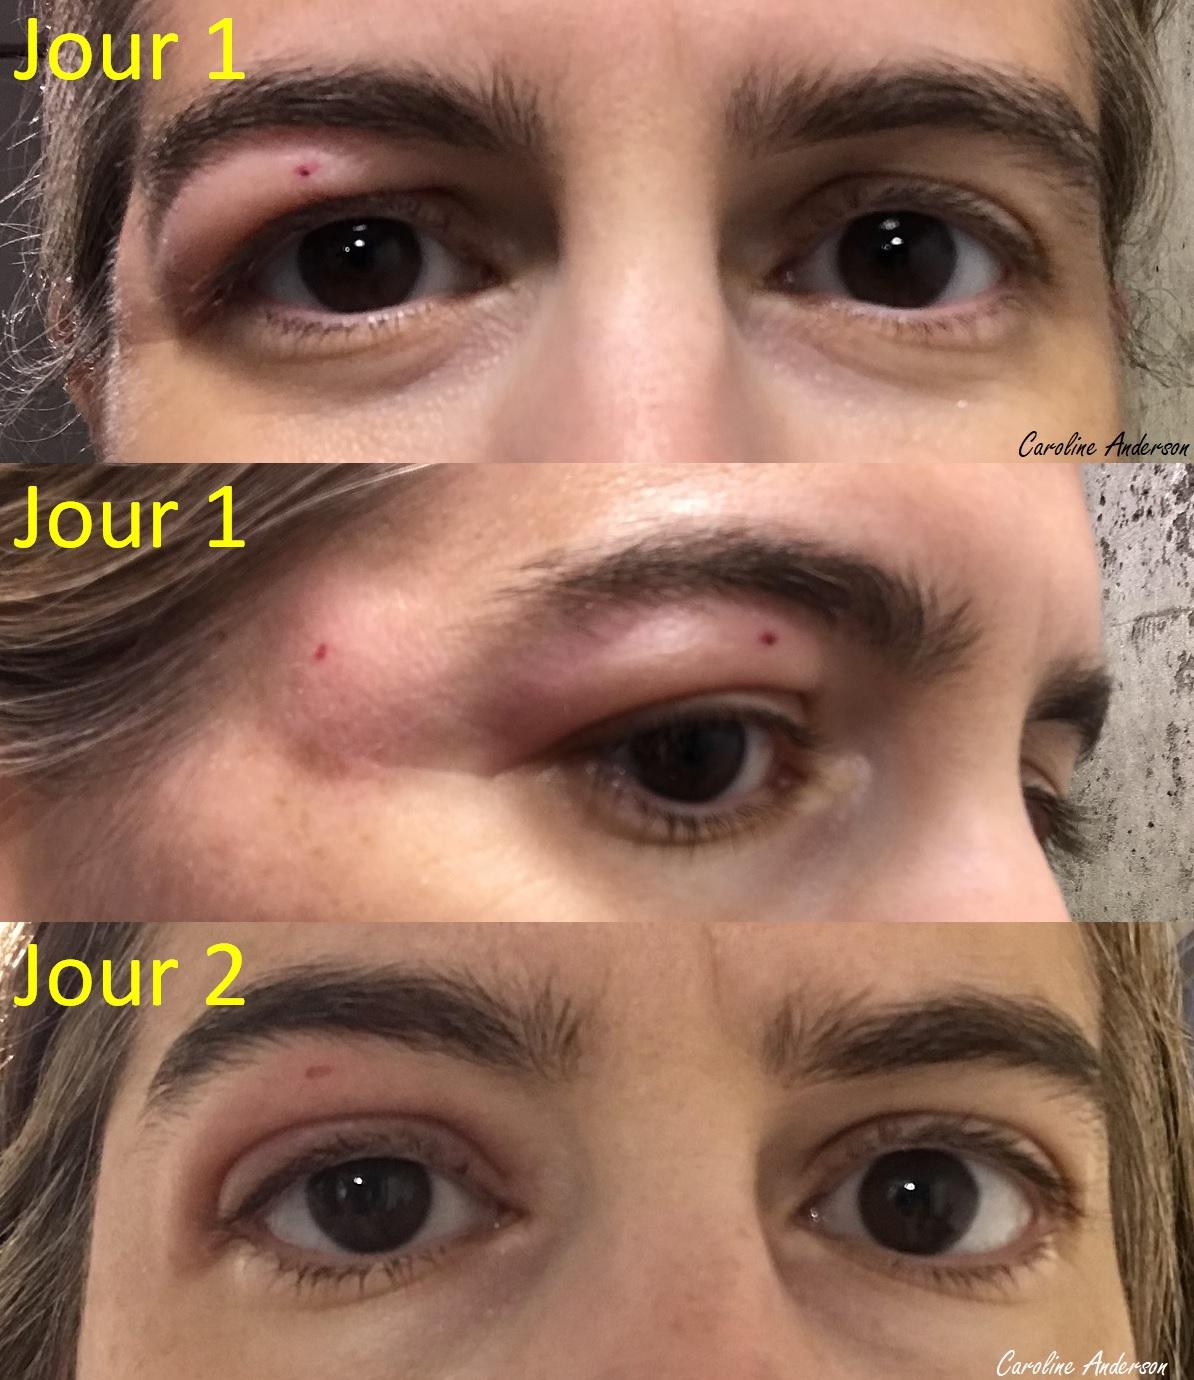 Piqure_Simuliidae_Jour1-2